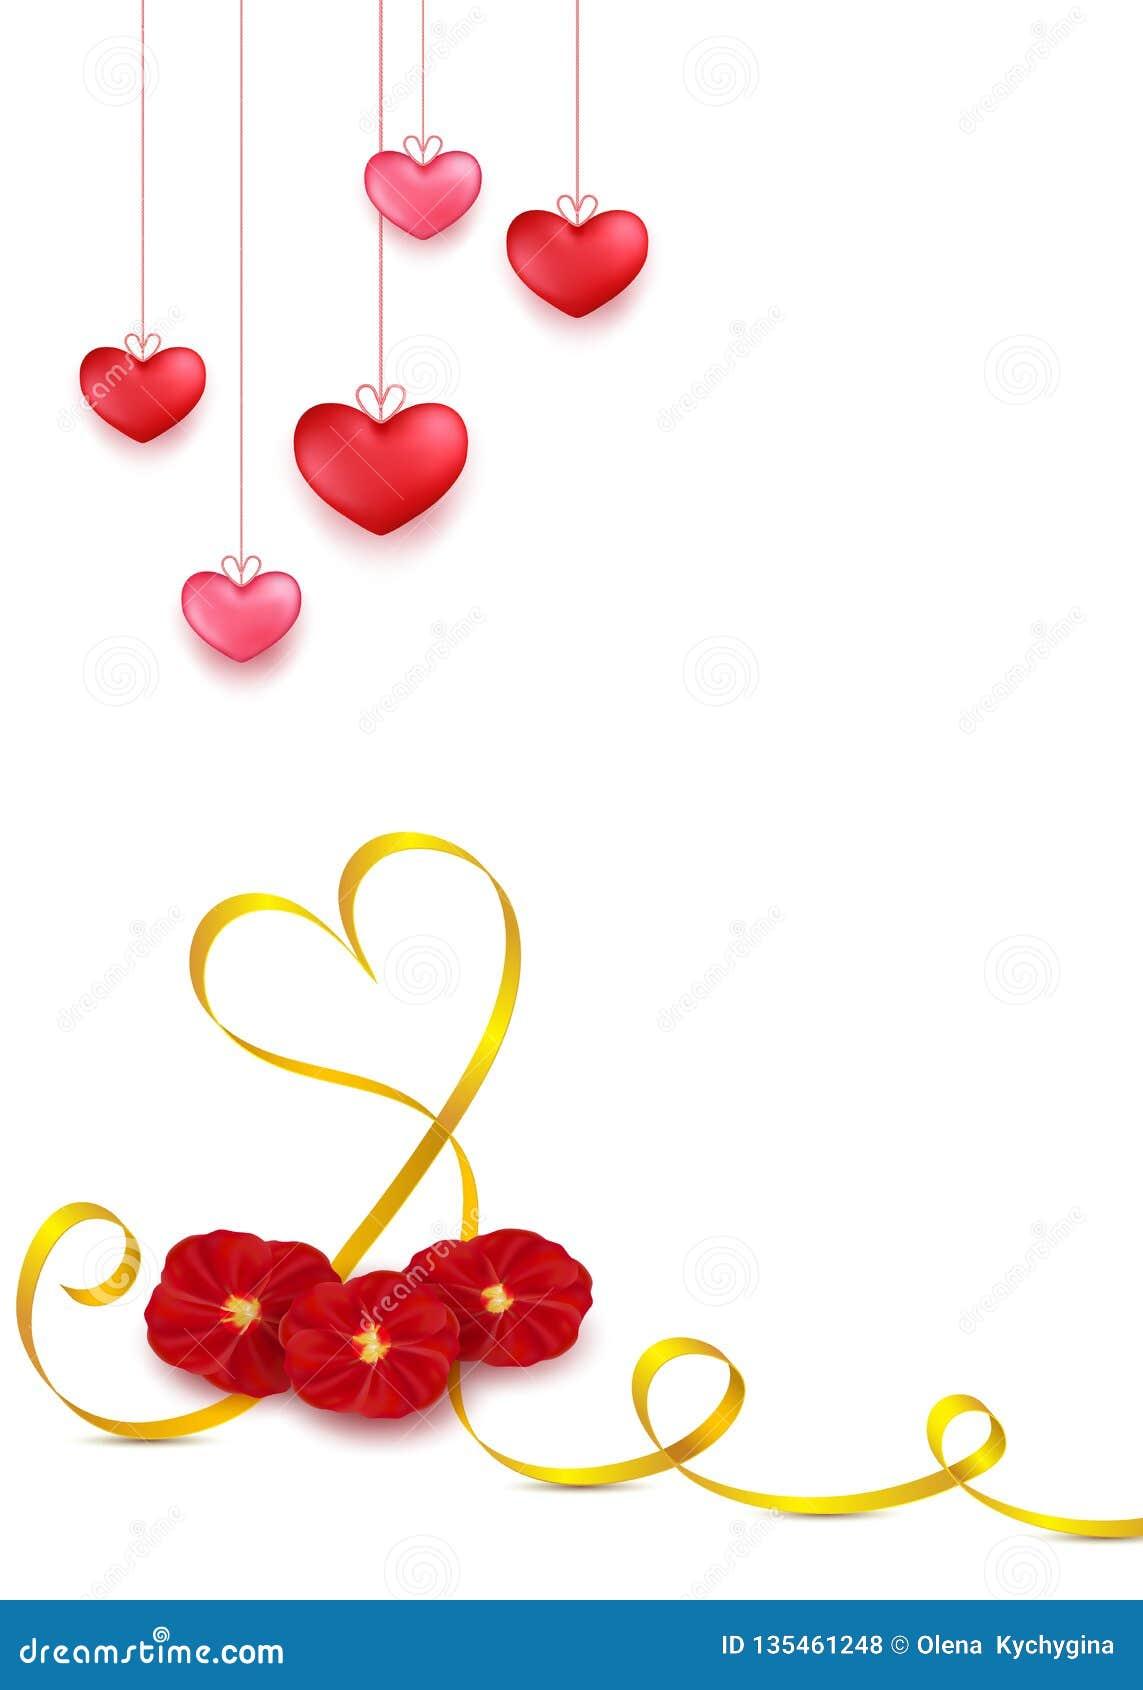 Design för kort för valentindaghälsning i stil 3d på vit bakgrund Hängande röda hjärtor med det guld- bandet och röd rosa kronbla